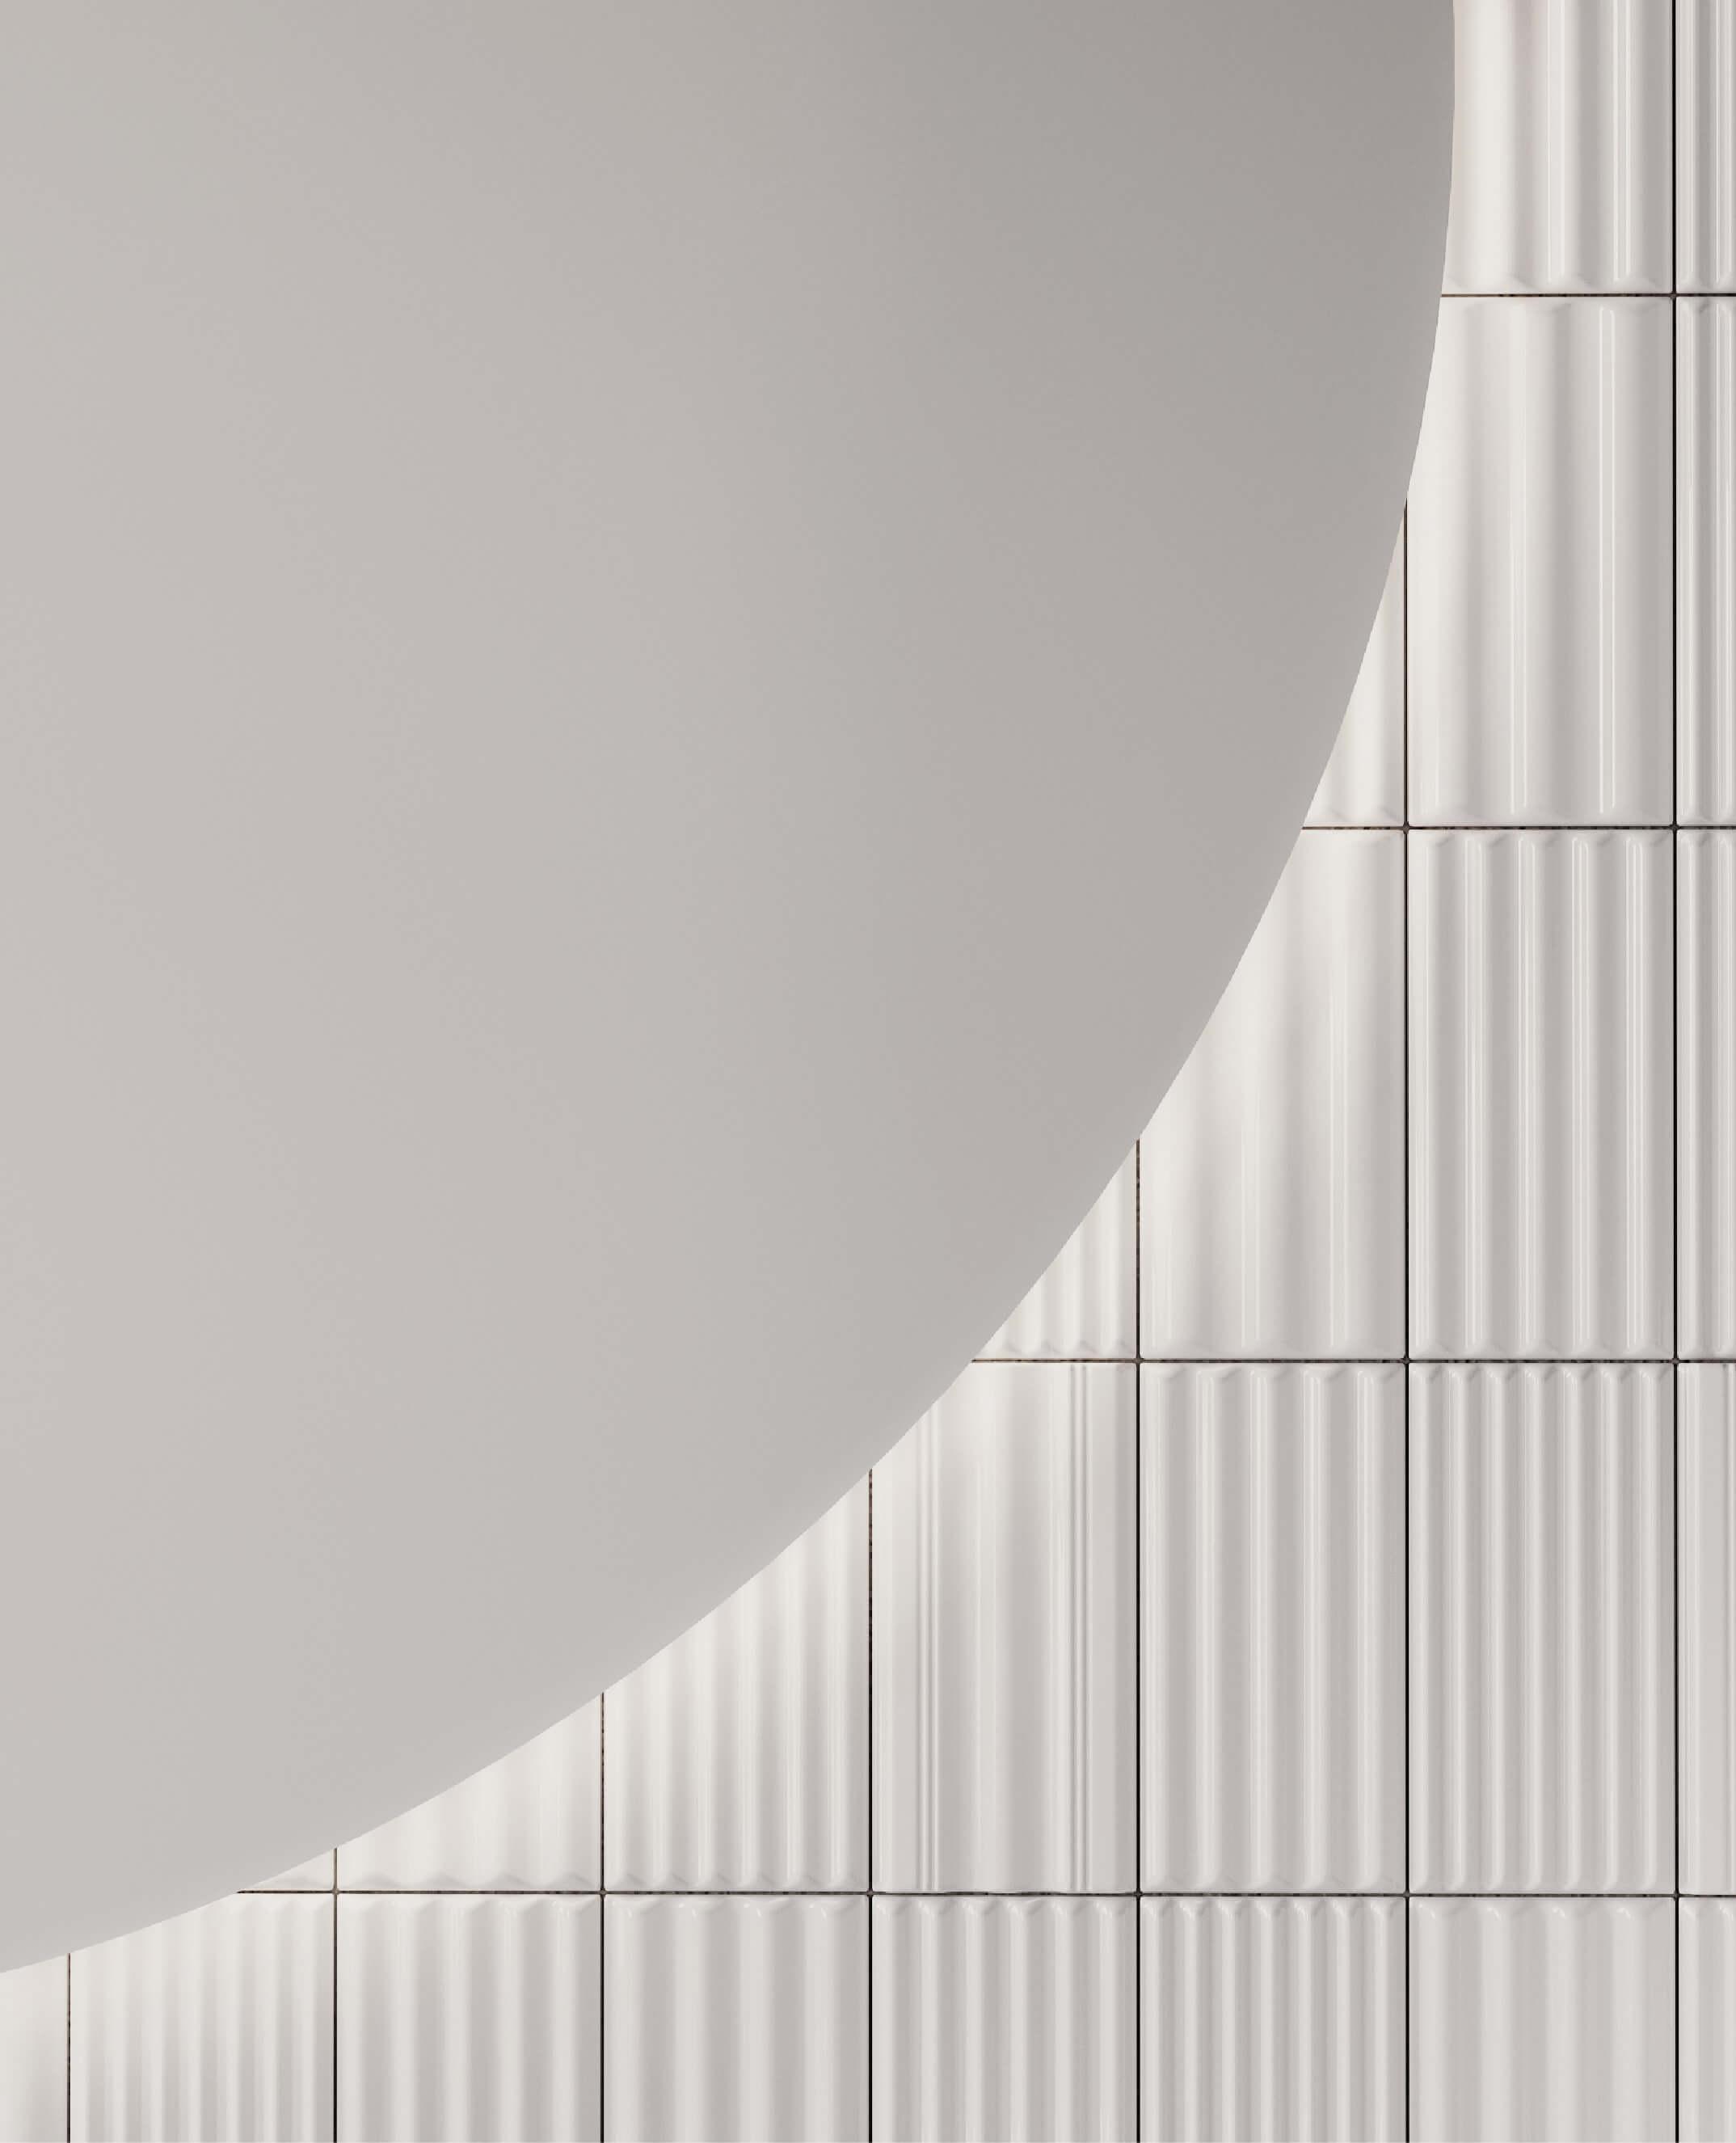 TULUS_DETAL